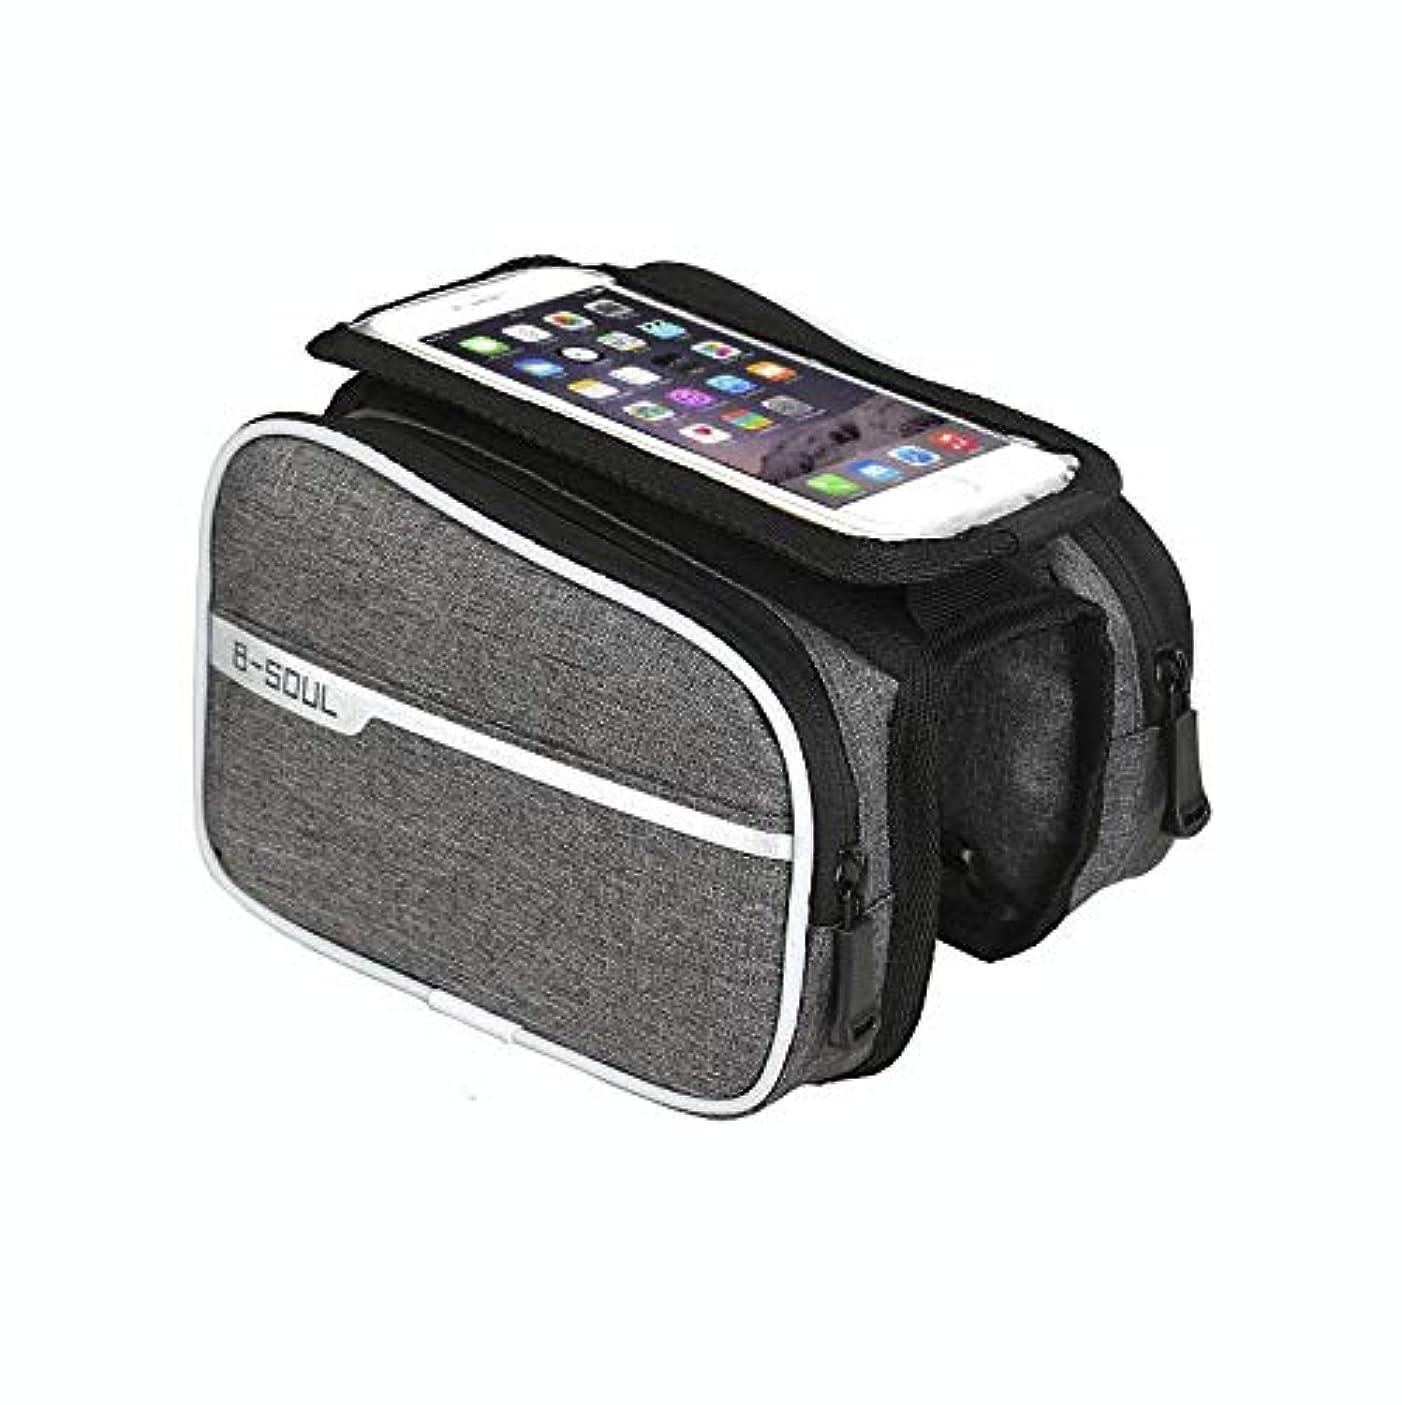 オフ罰落とし穴自転車バッグフロントビームバッグタッチスクリーン大型携帯電話ダブルバッグは6.2インチの携帯電話をサポートしています, Gray